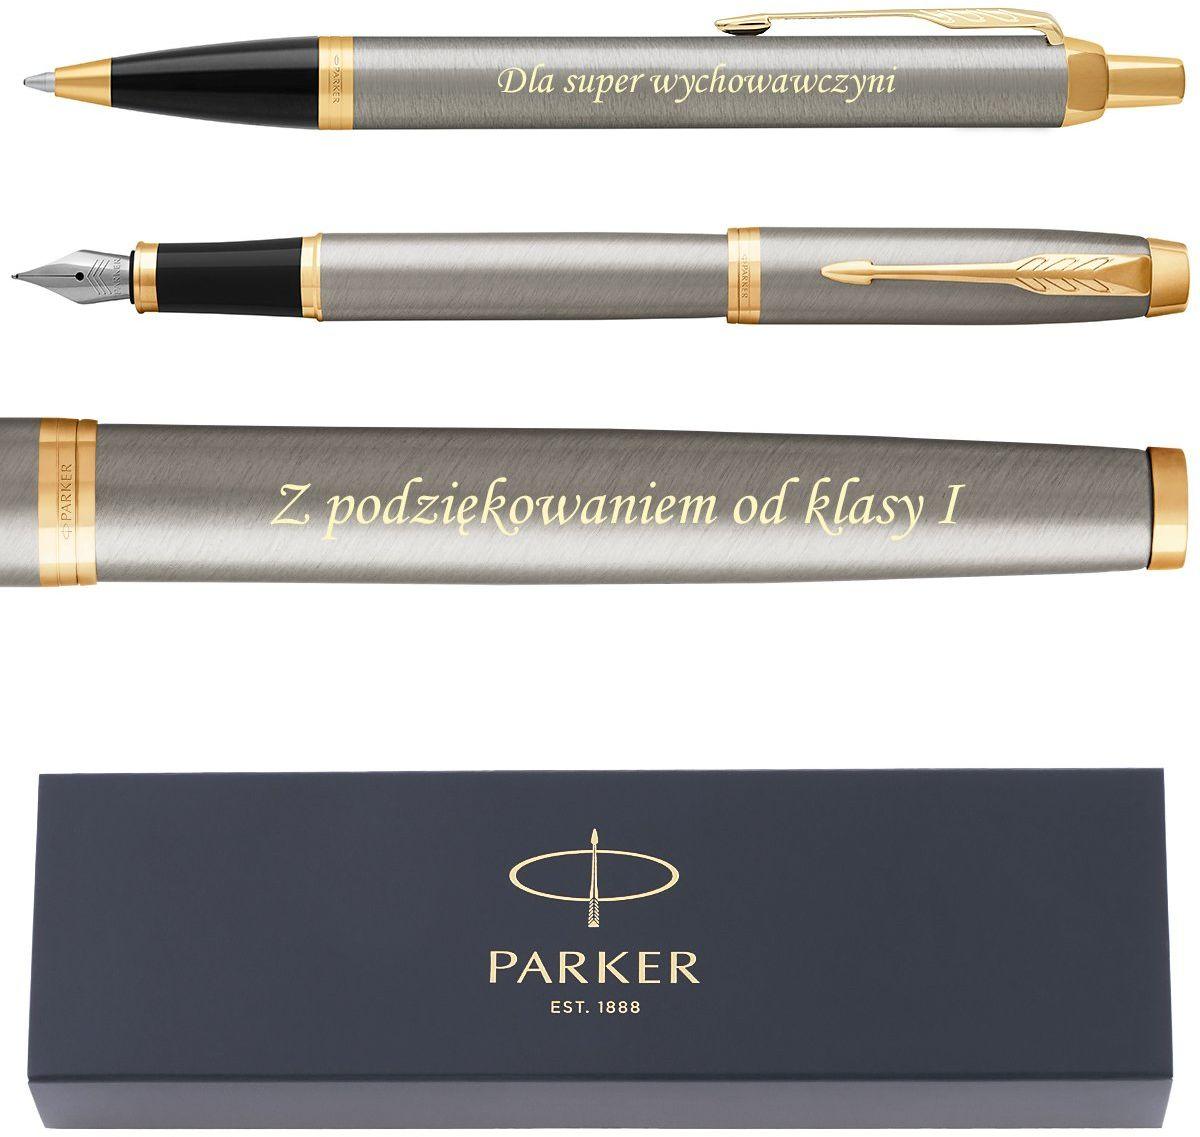 Elegancki Zestaw Parker IM GT Brushed Pióro wieczne i Długopis Grawer